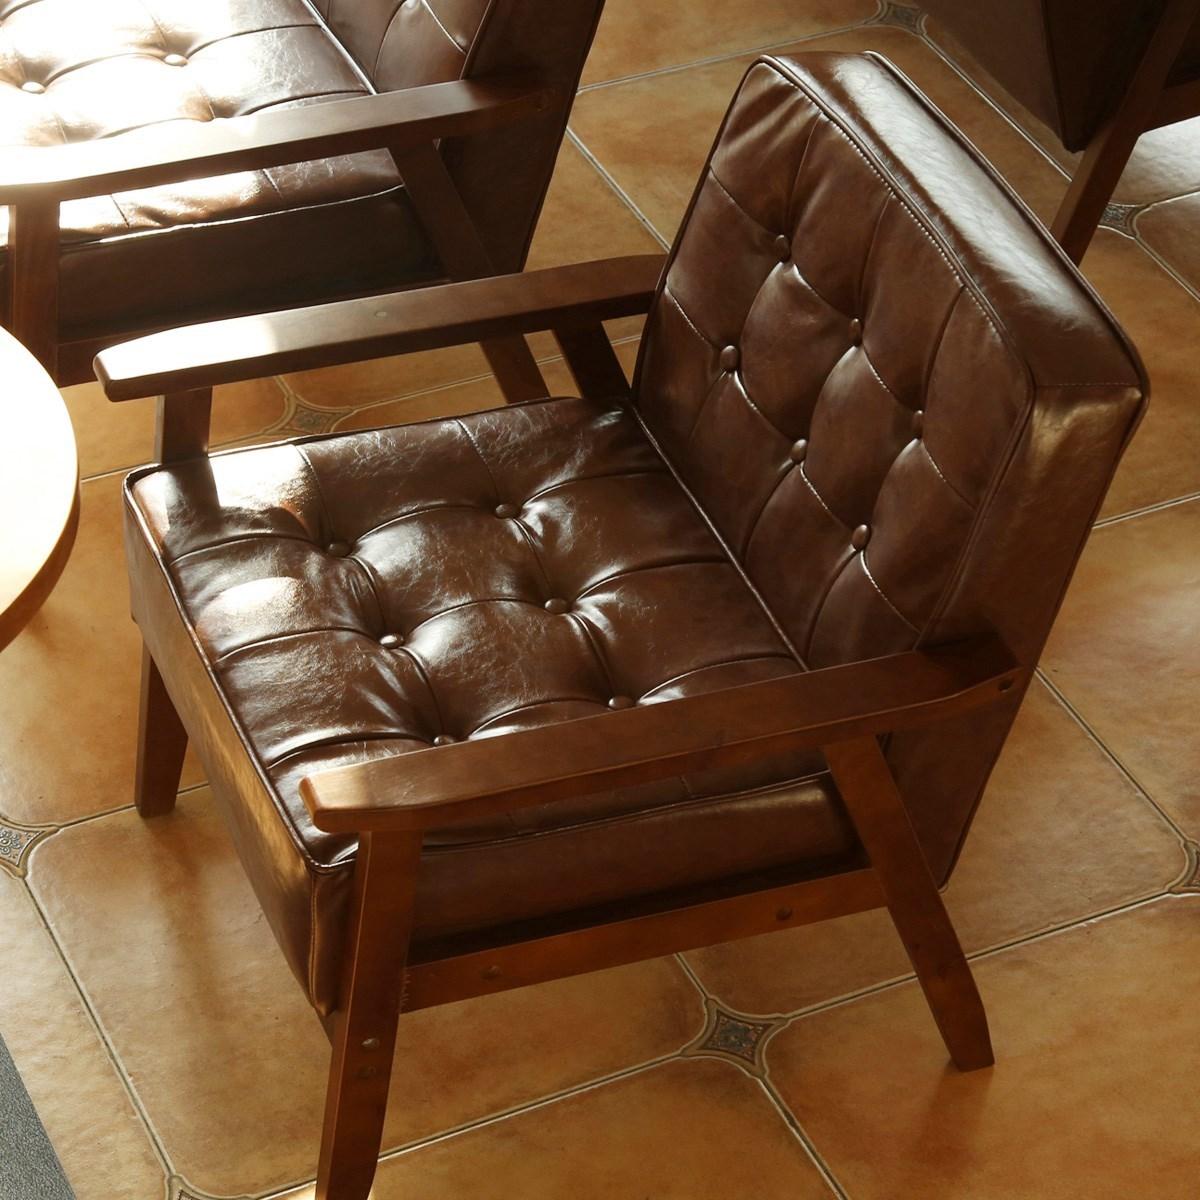 家居双人牢靠简易顾家享受冬夏两用沙发造型三人设计阳台儿童欧式